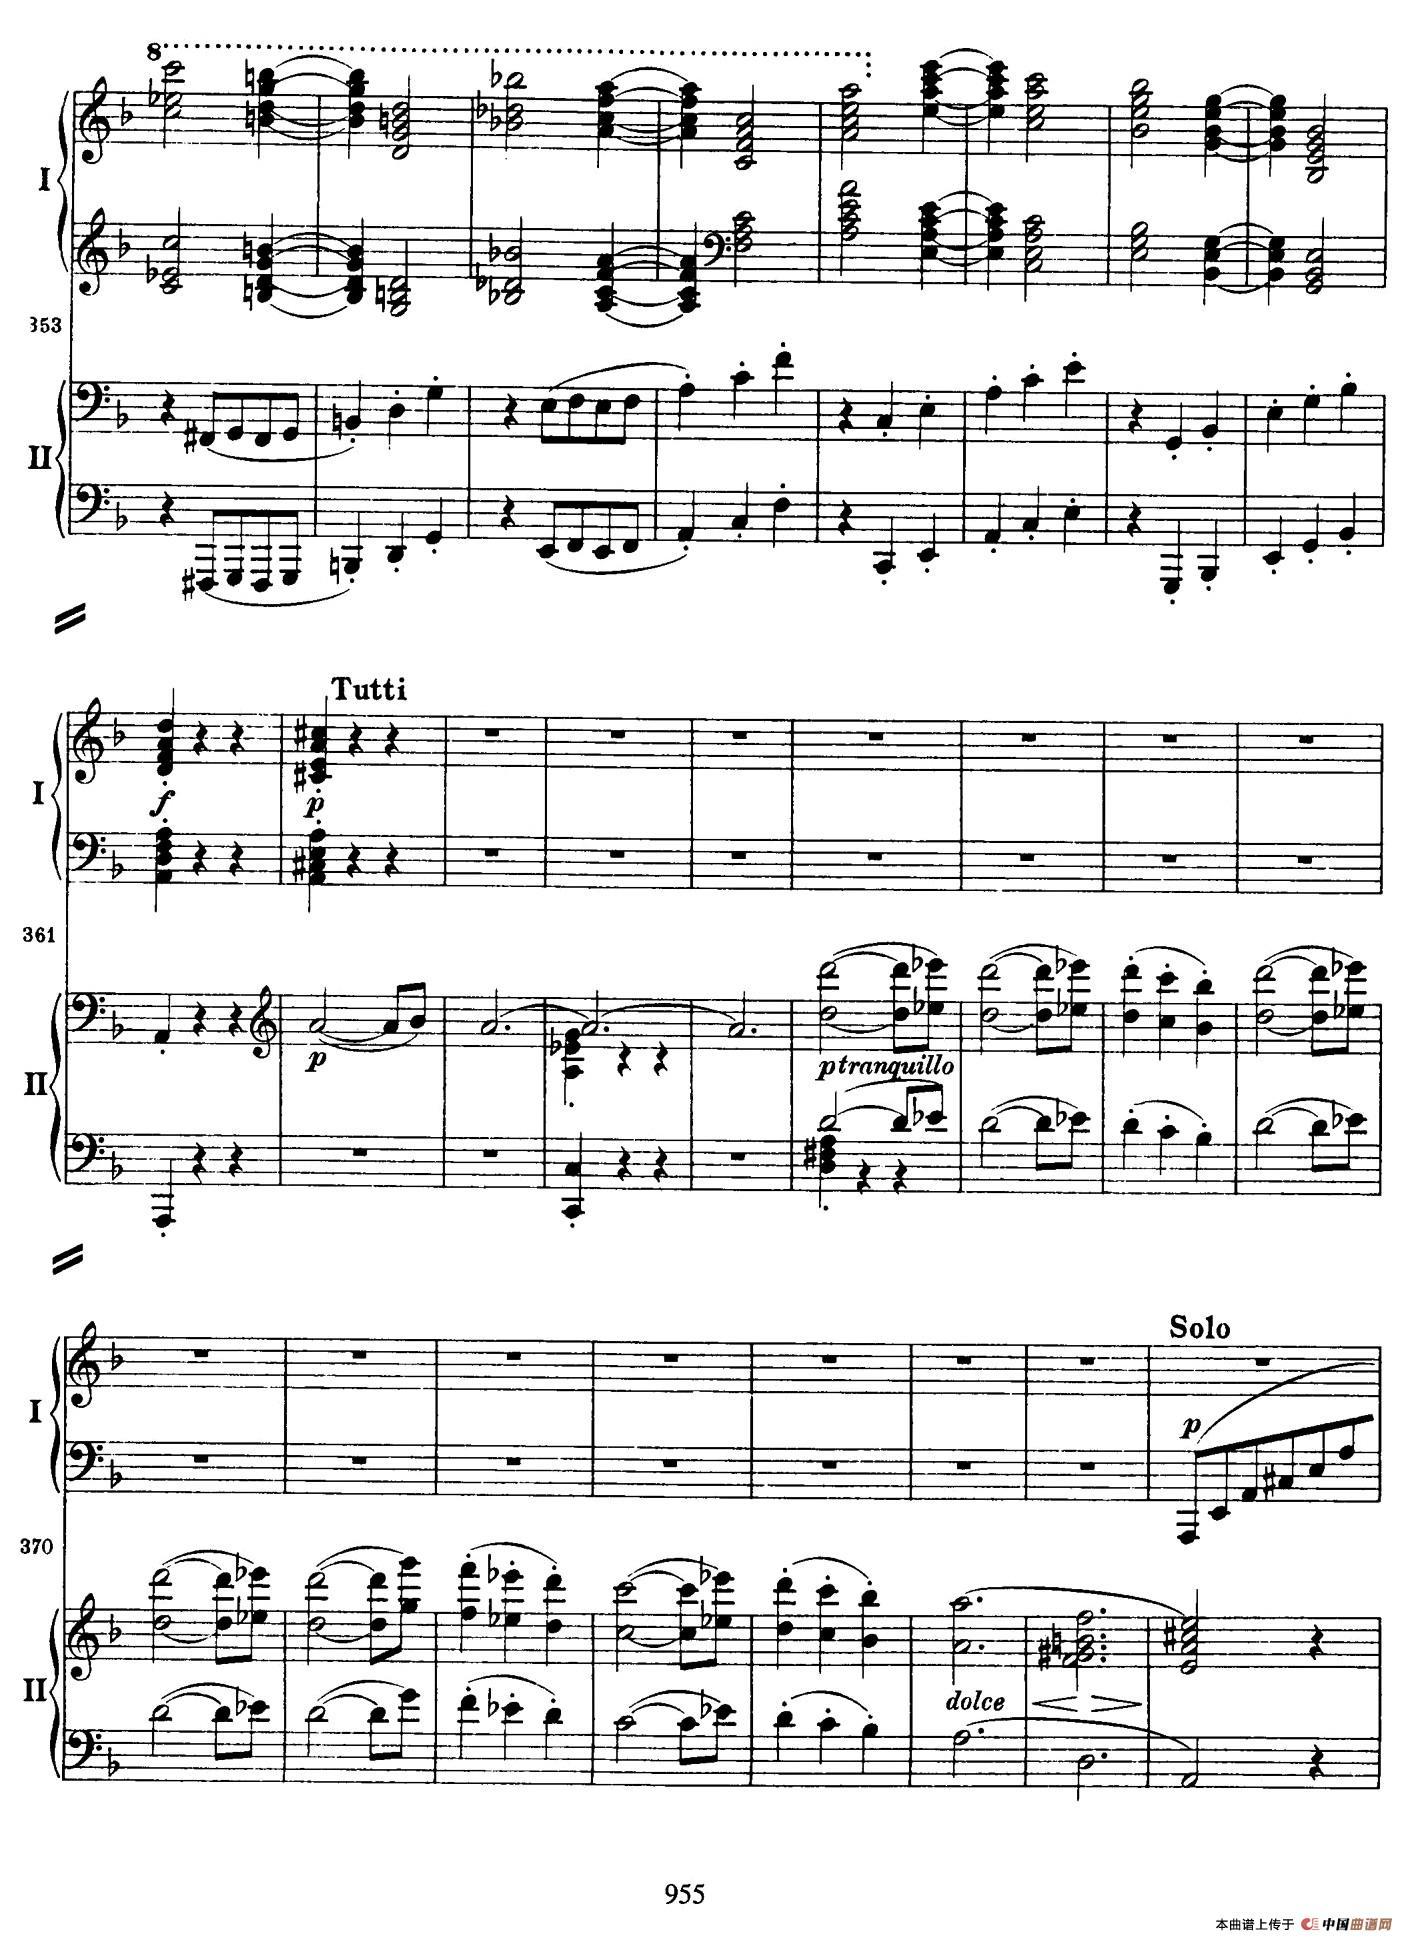 降B大调第二钢琴协奏曲(P51――60)(1)_原文件名:057.jpg